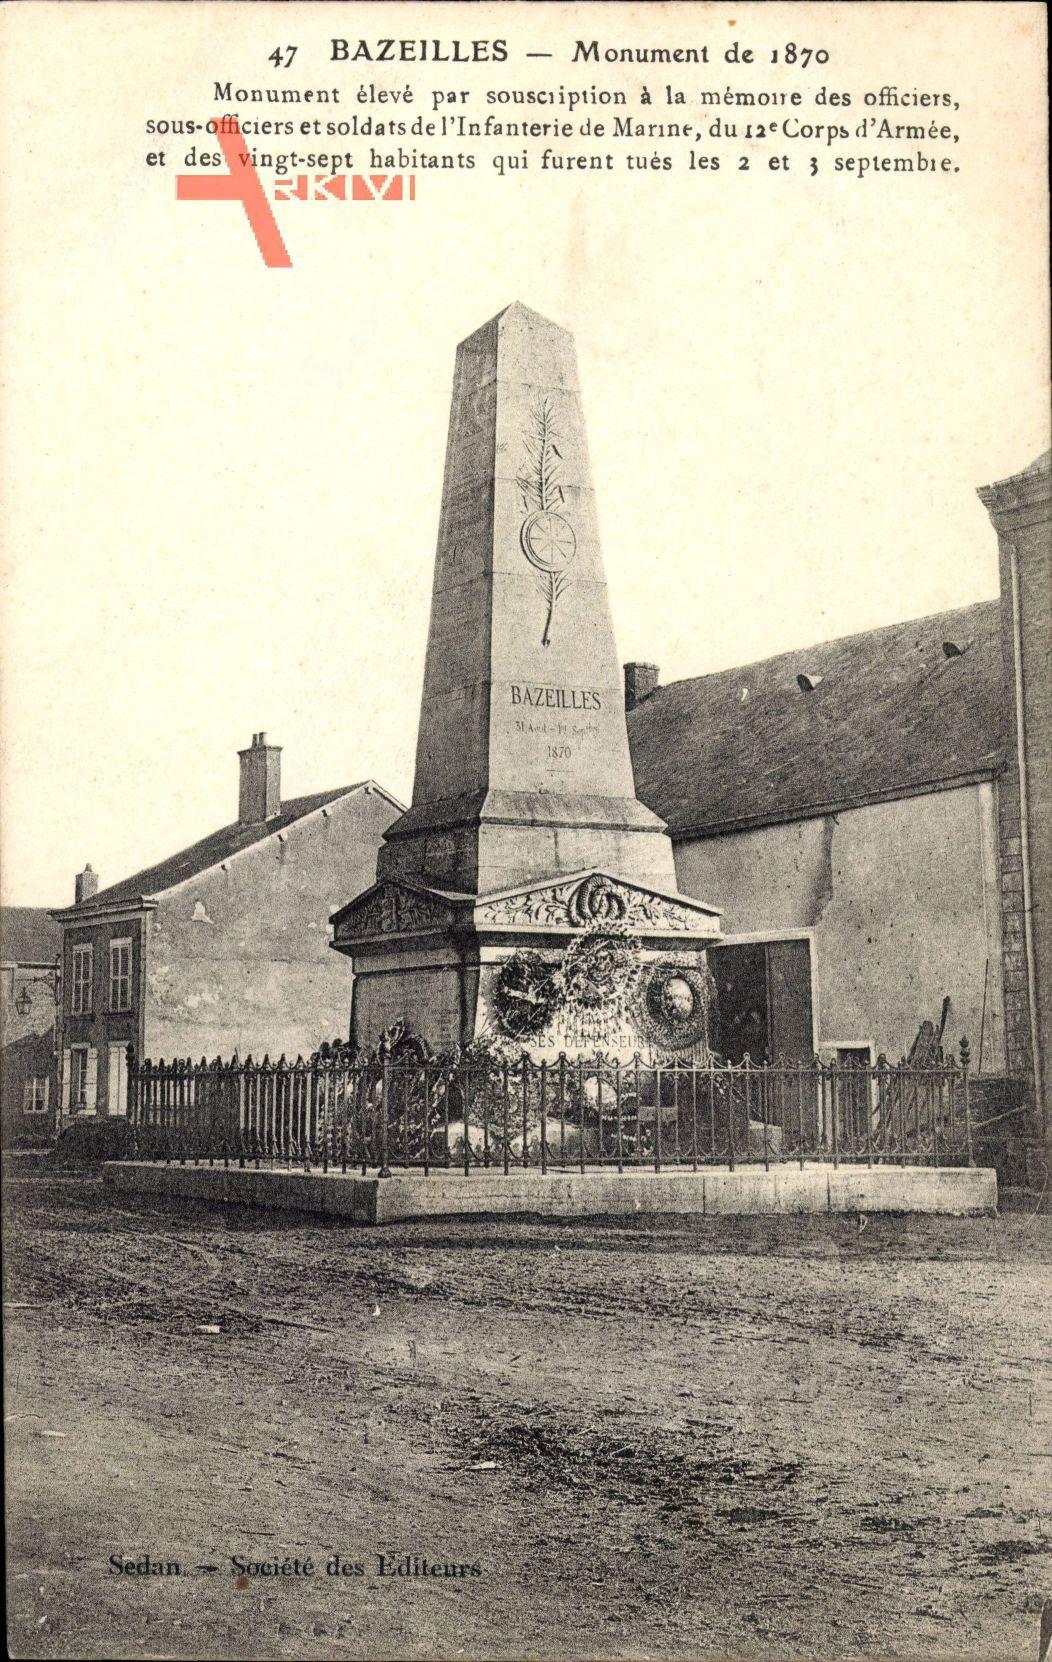 Bazeilles Ardennes, Monument de 1870, Partie am Denkmal